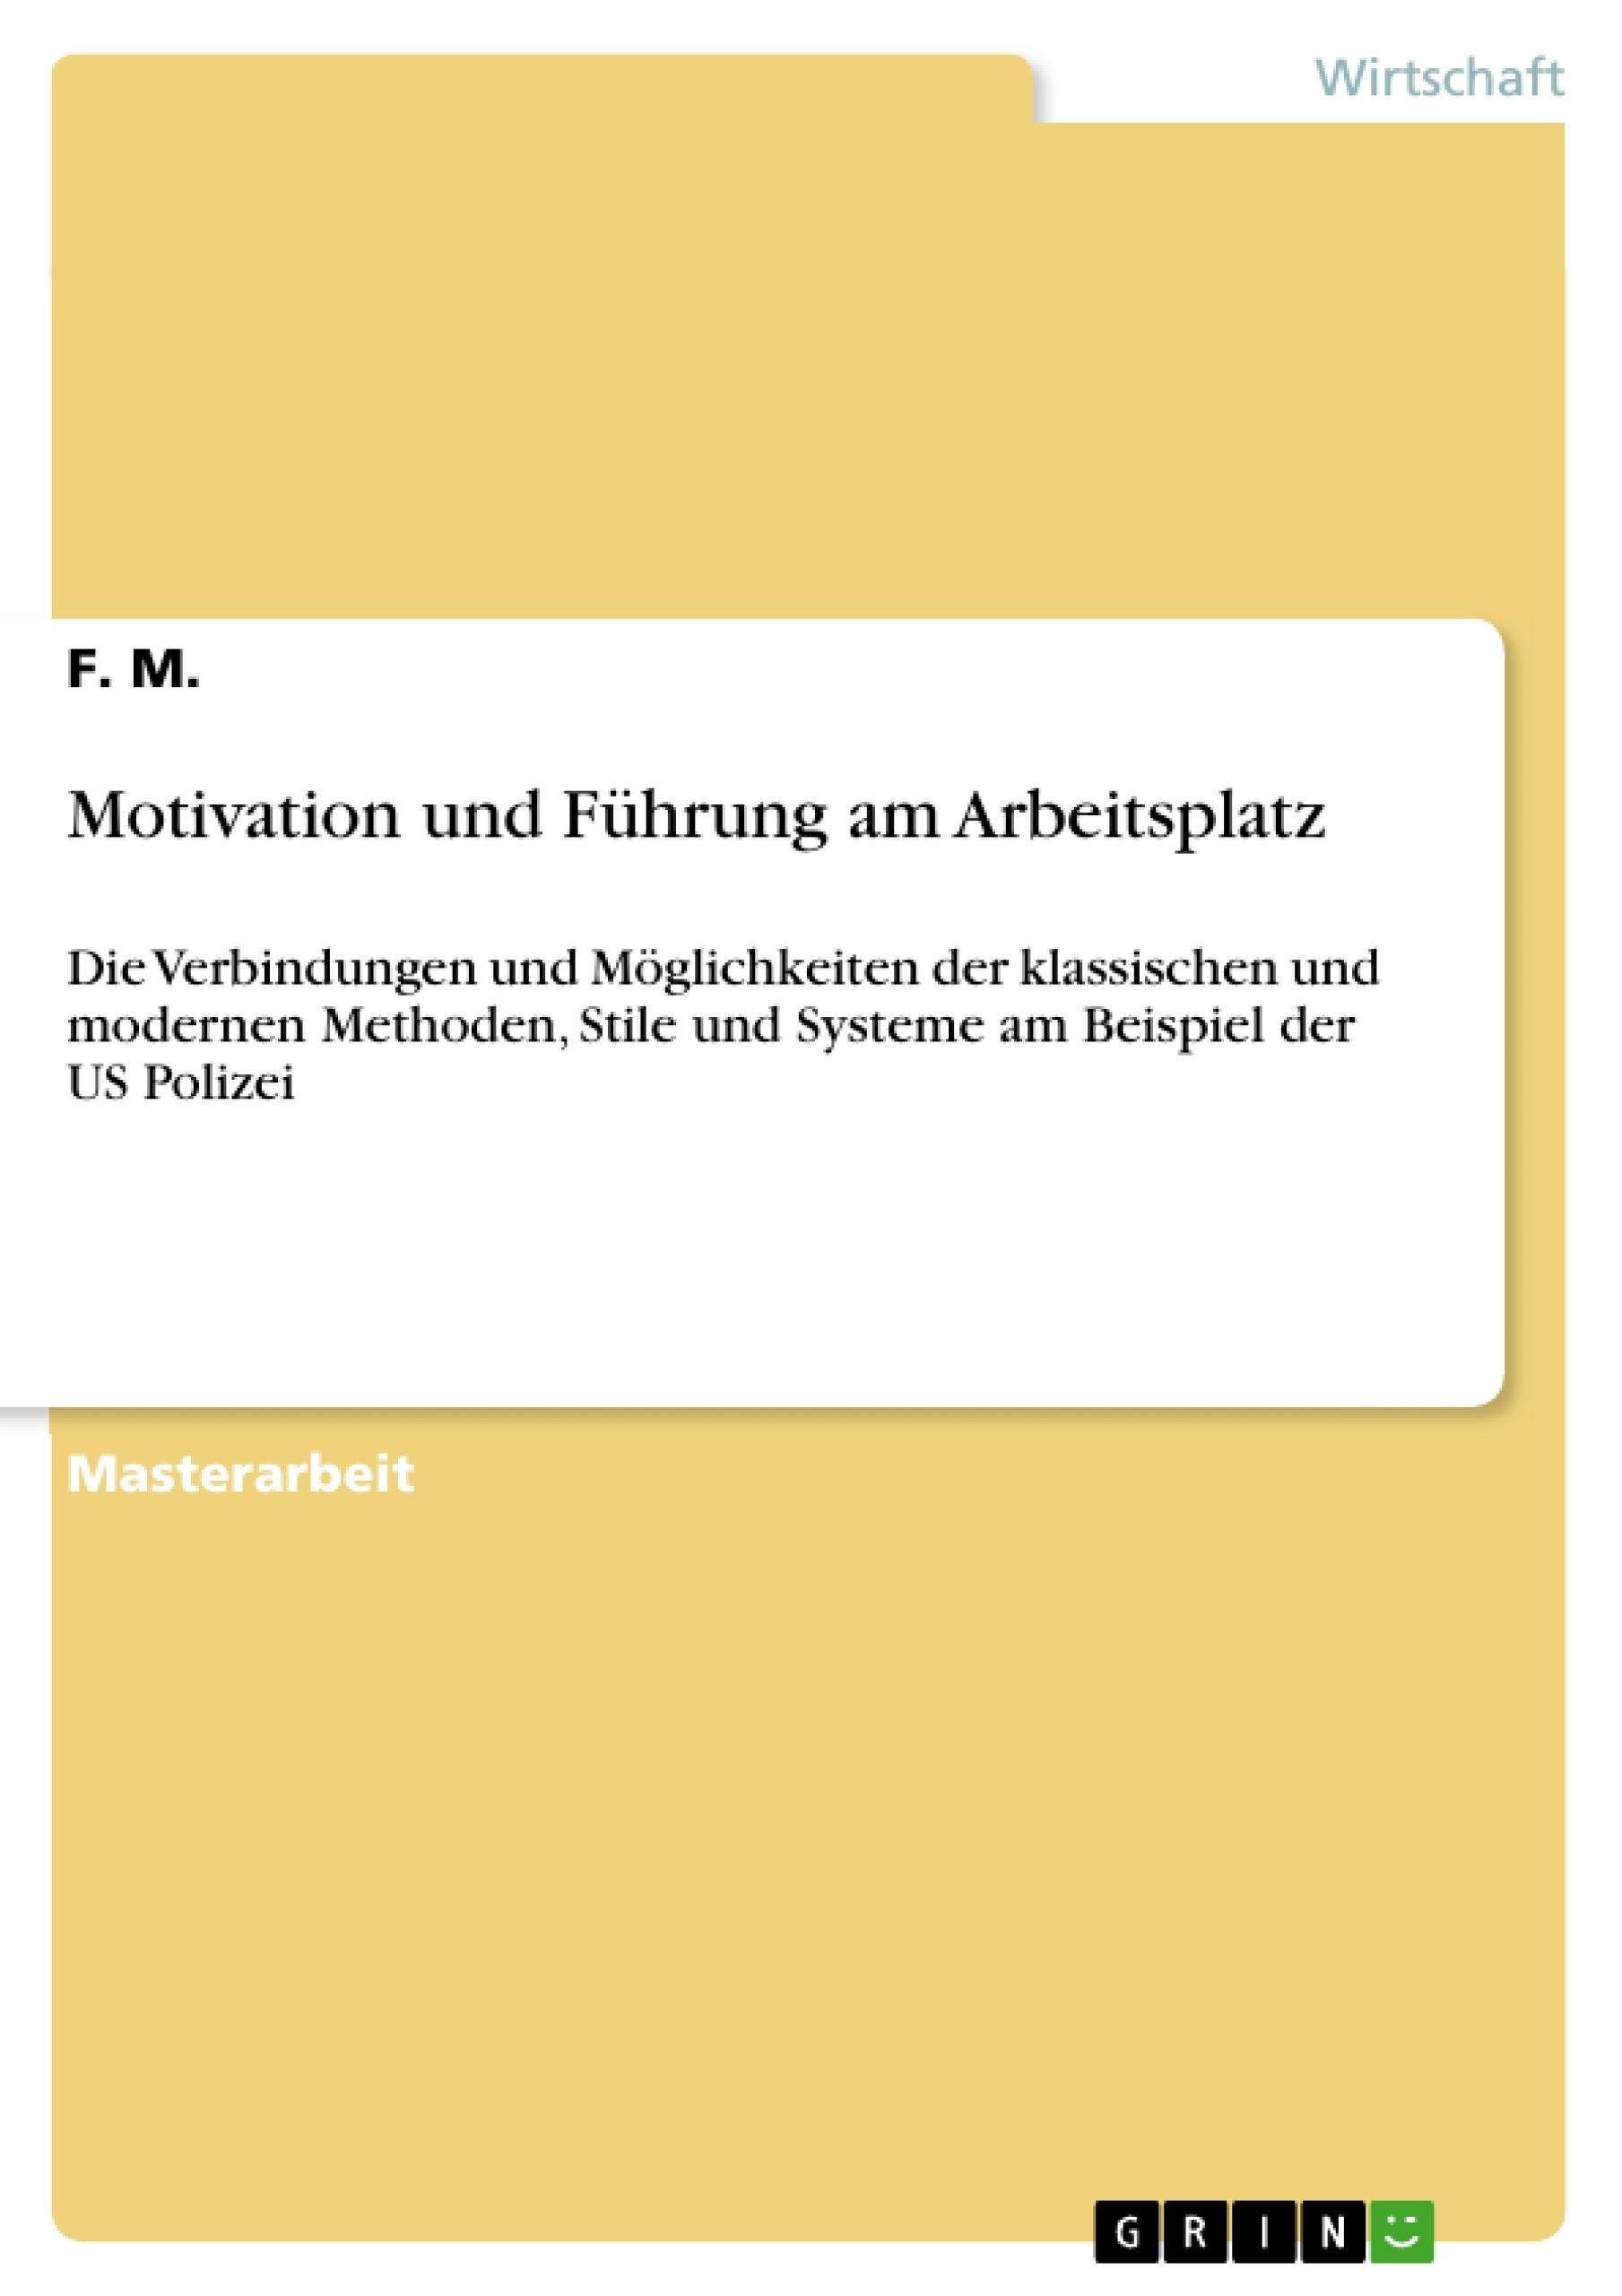 Titel: Motivation und Führung am Arbeitsplatz